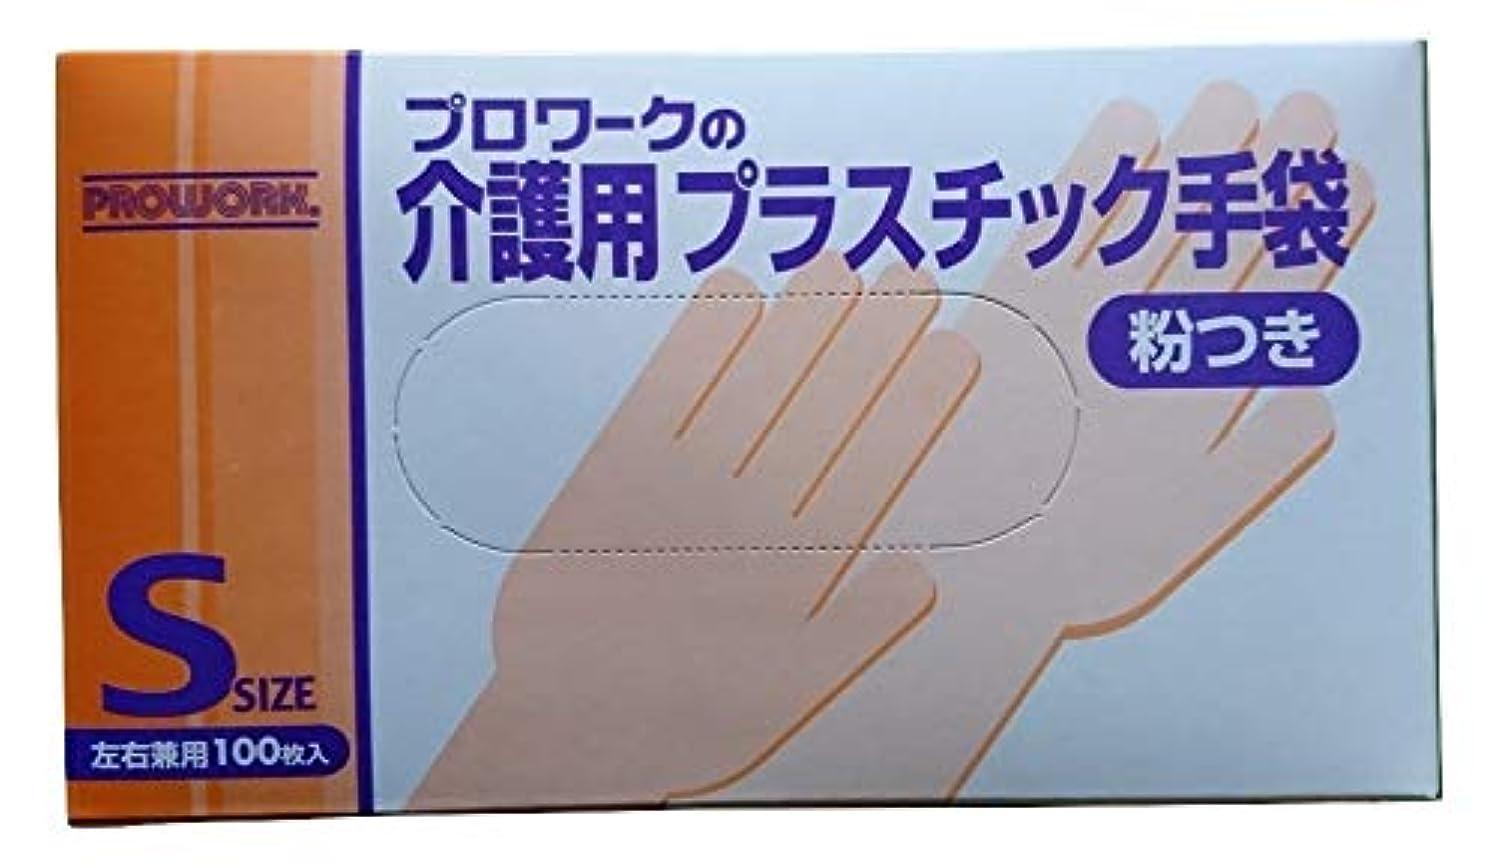 ヒューム統治可能驚いたことに介護用プラスチック手袋 粉つき Sサイズ 左右兼用100枚入